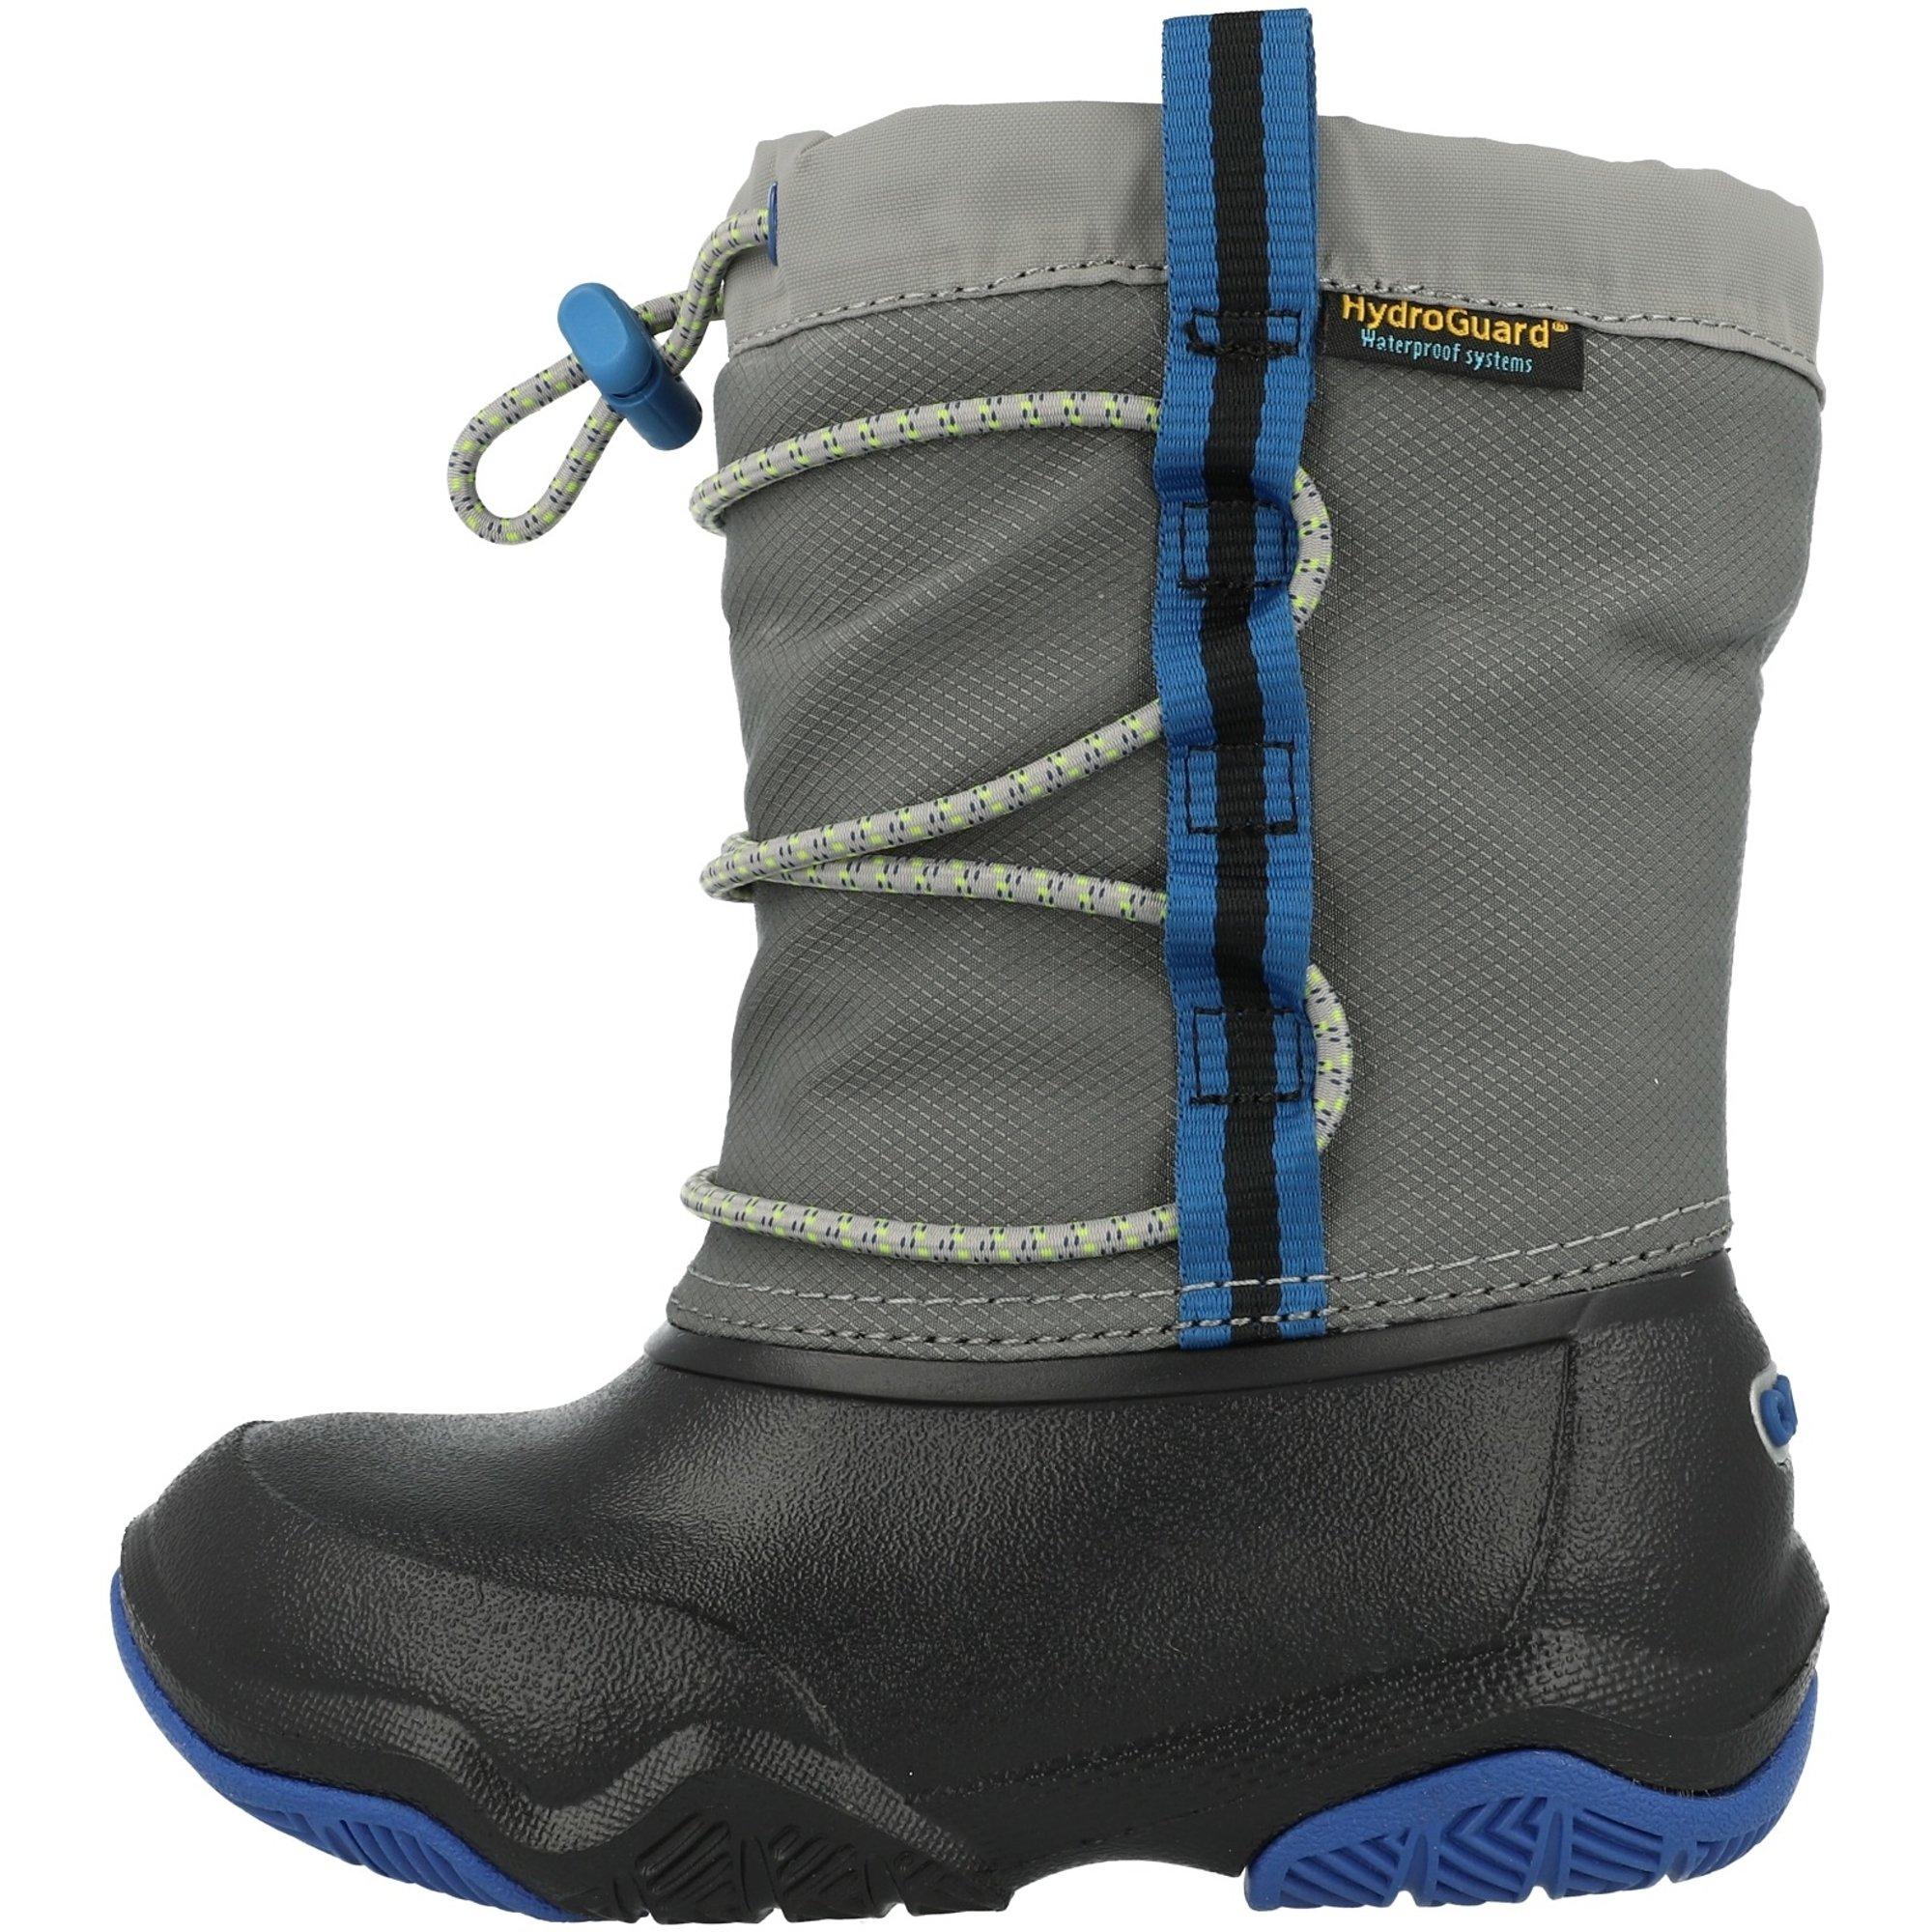 Crocs Kids Swiftwater Waterproof Boot Black/Blue Jean Nylon